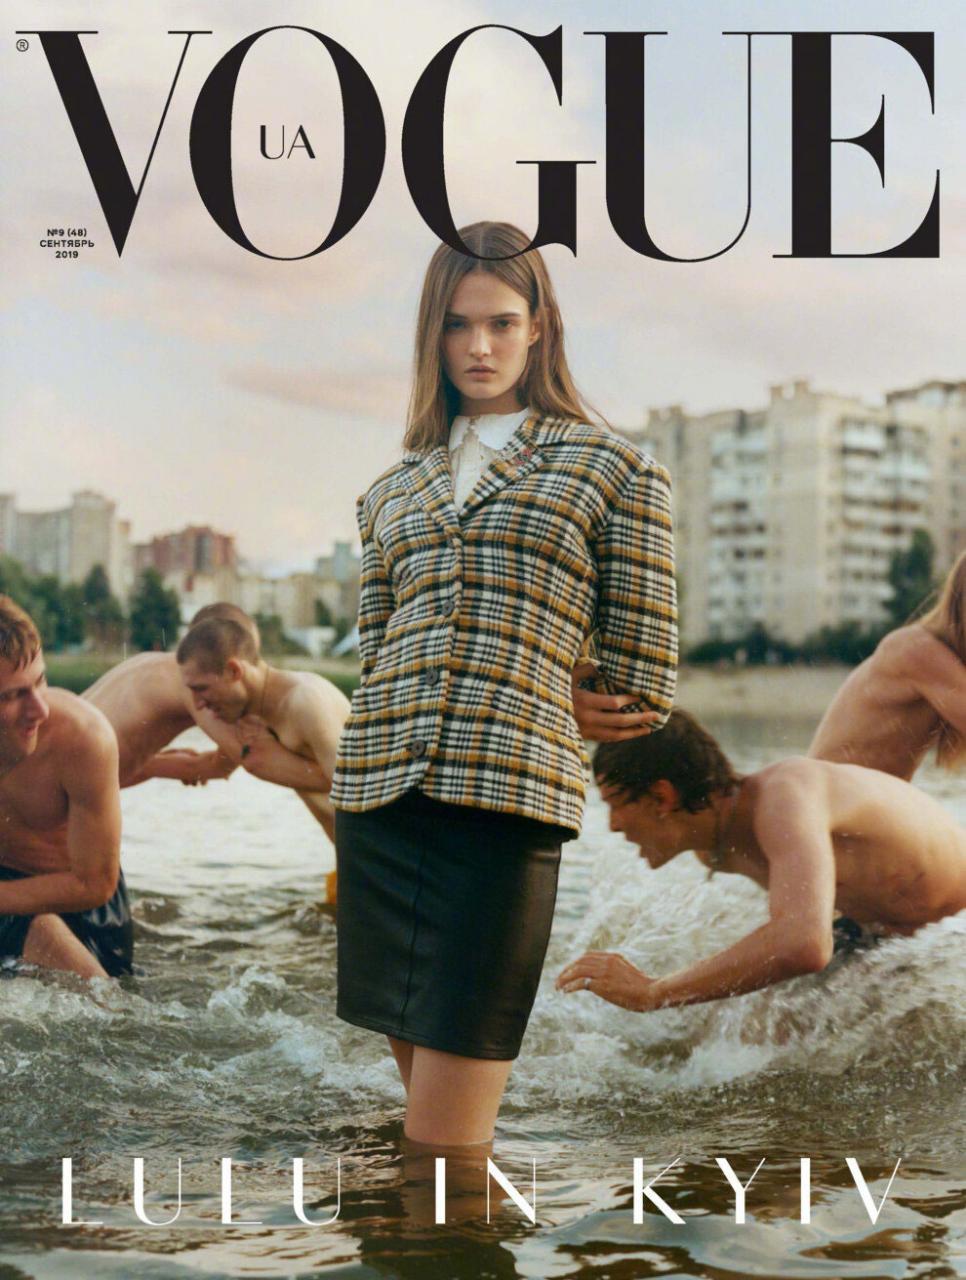 乌克兰版《Vogue》九月刊经典的杂志色调 时尚图库 第1张